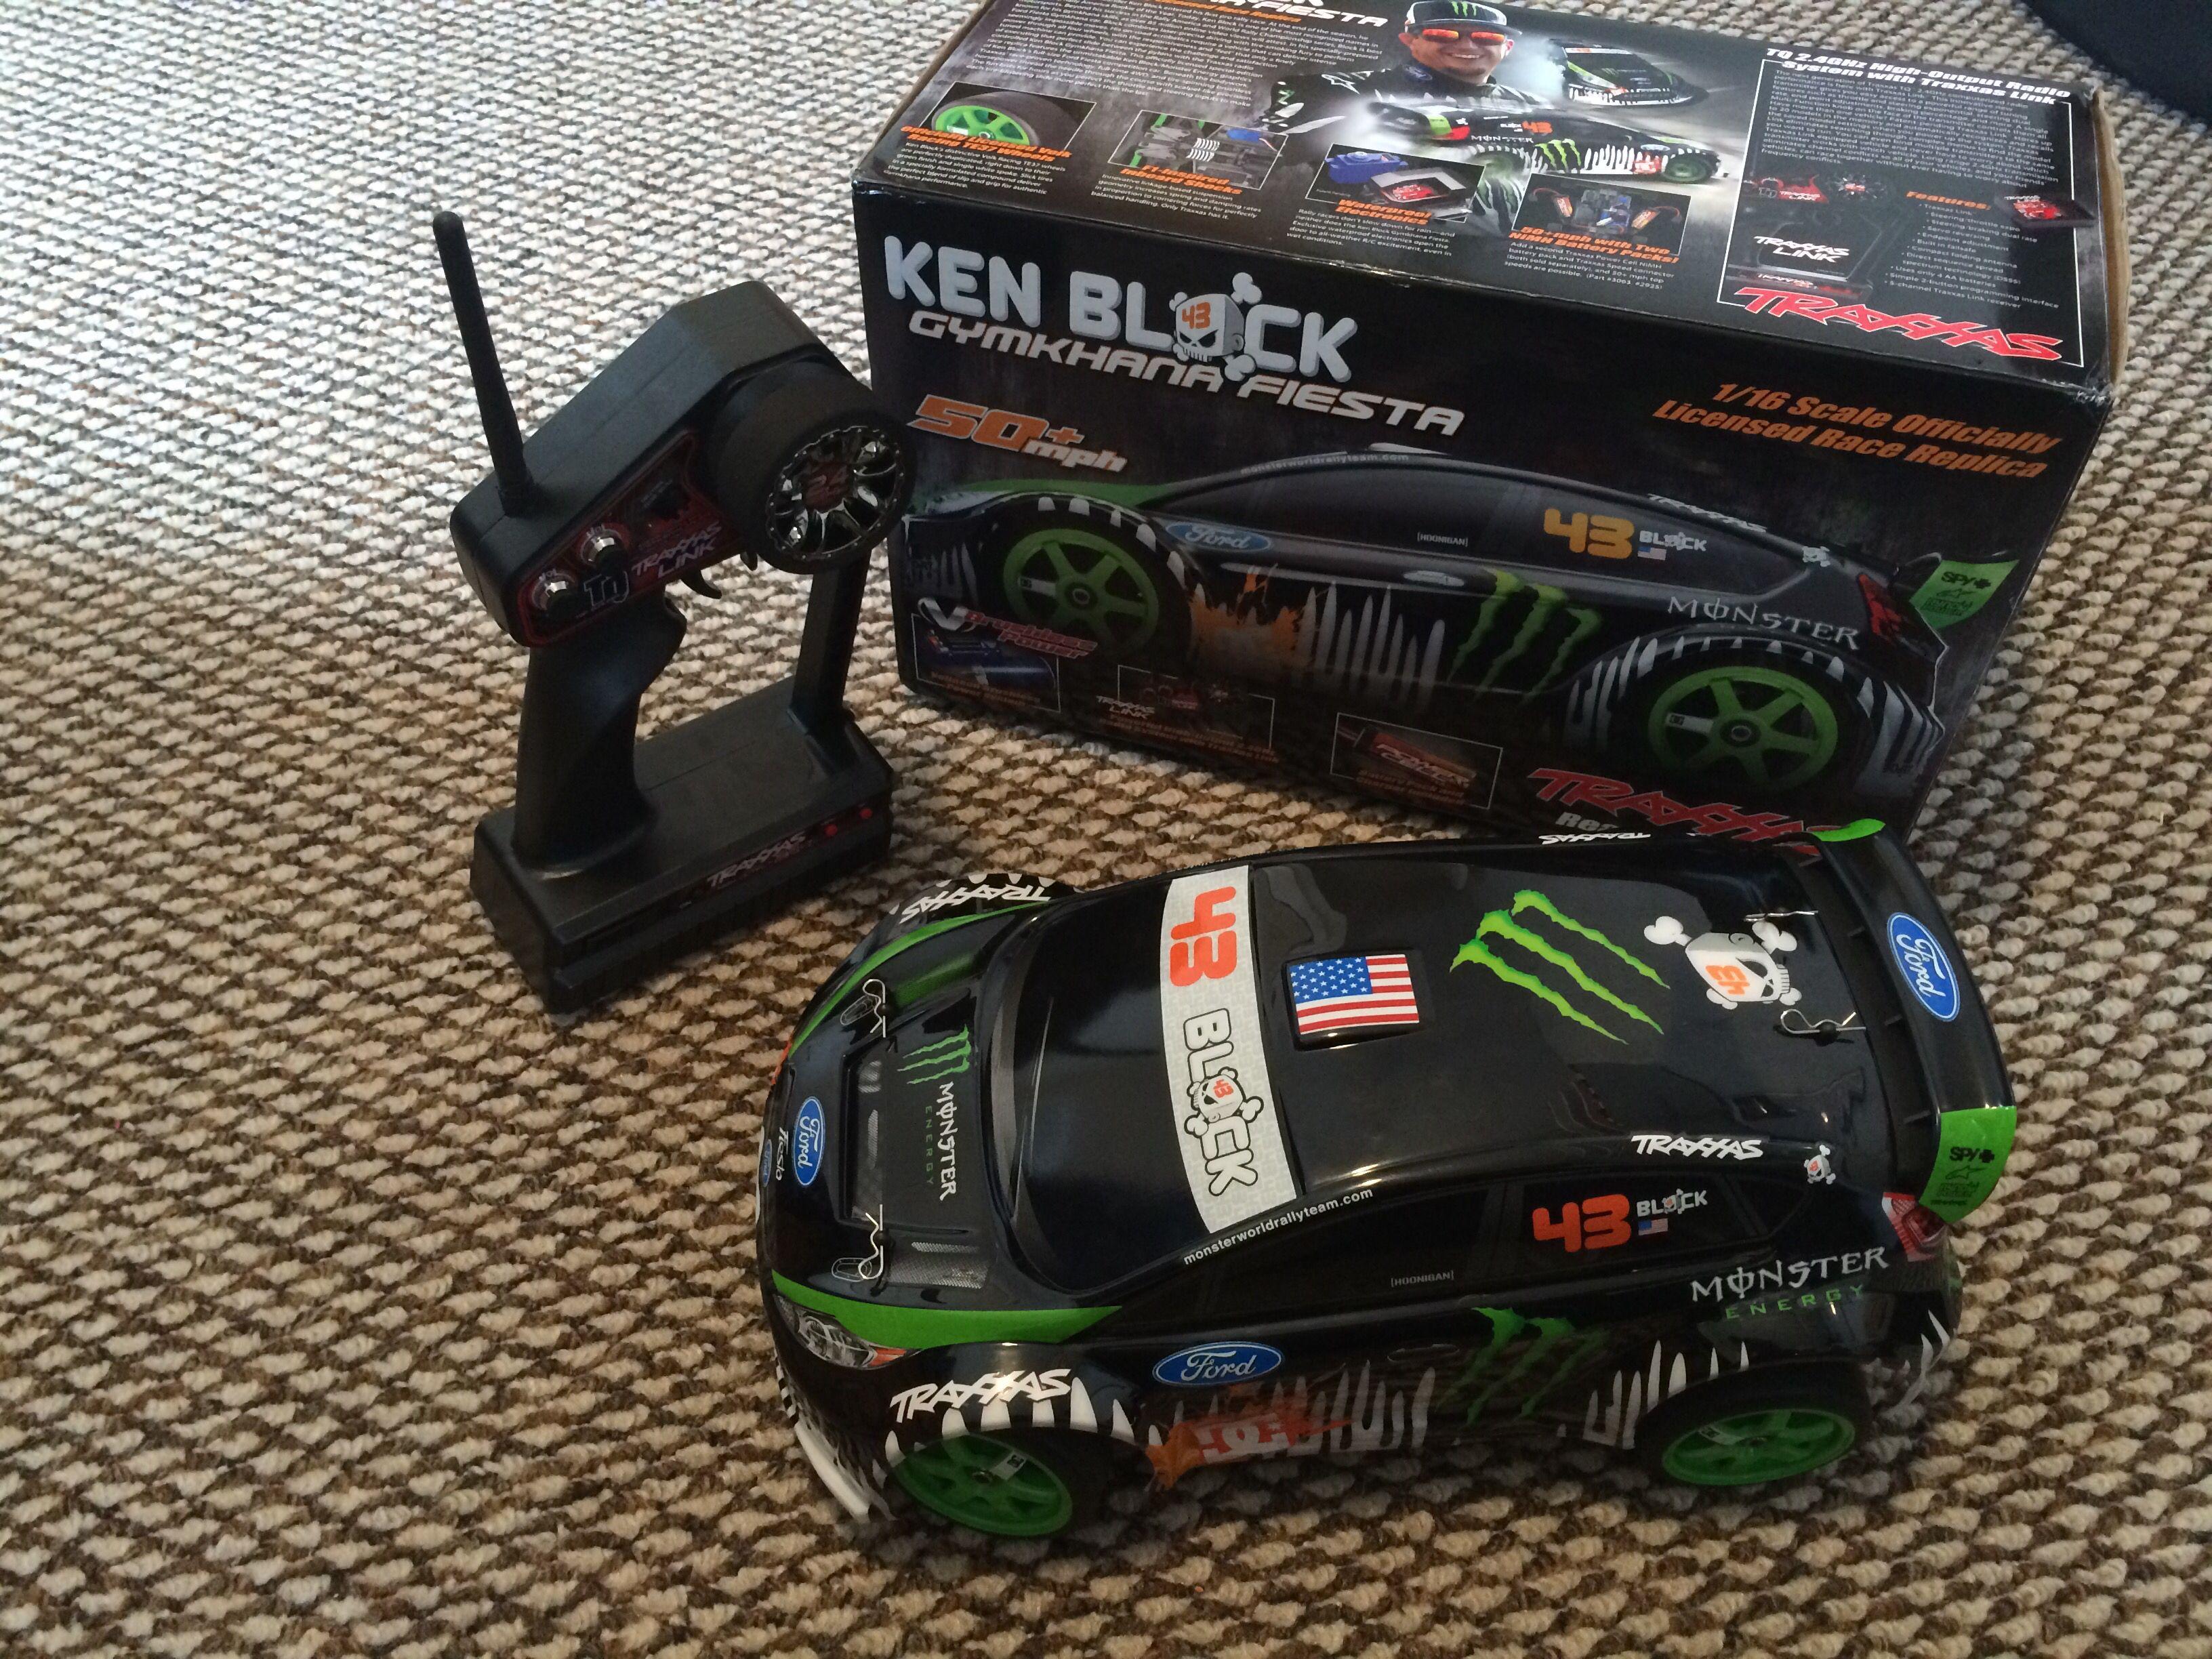 I got this for Christmas it is a traxxas ken block gymkhana fiesta drift car